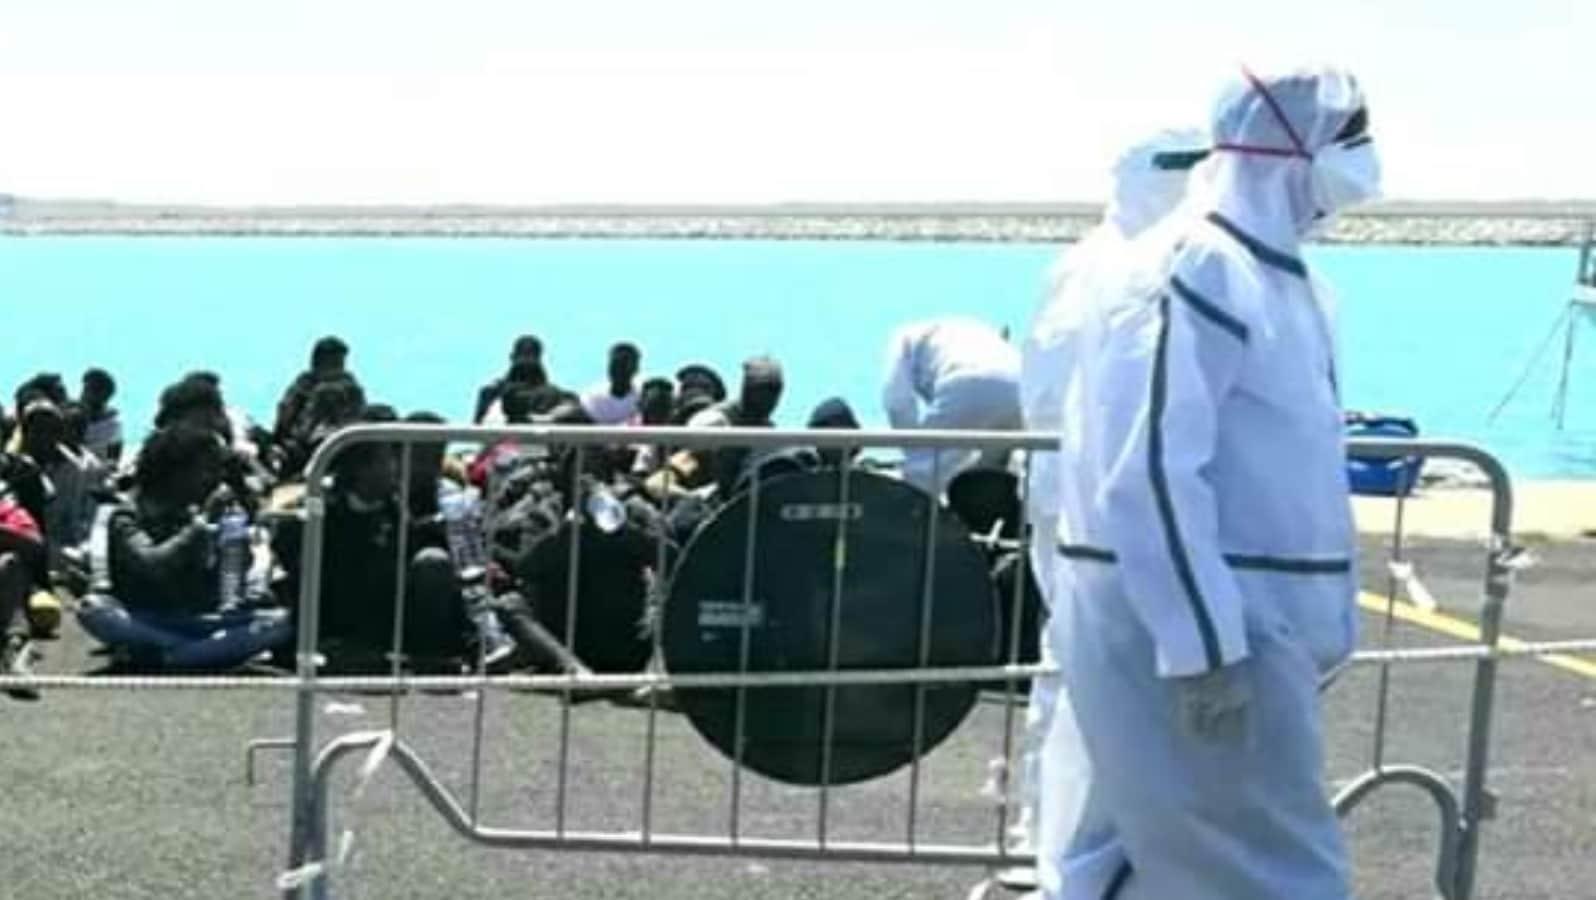 Dal primo gennaio accolti 17.604 migranti.<br> Persino durante il lockdown porti aperti a chiunque.